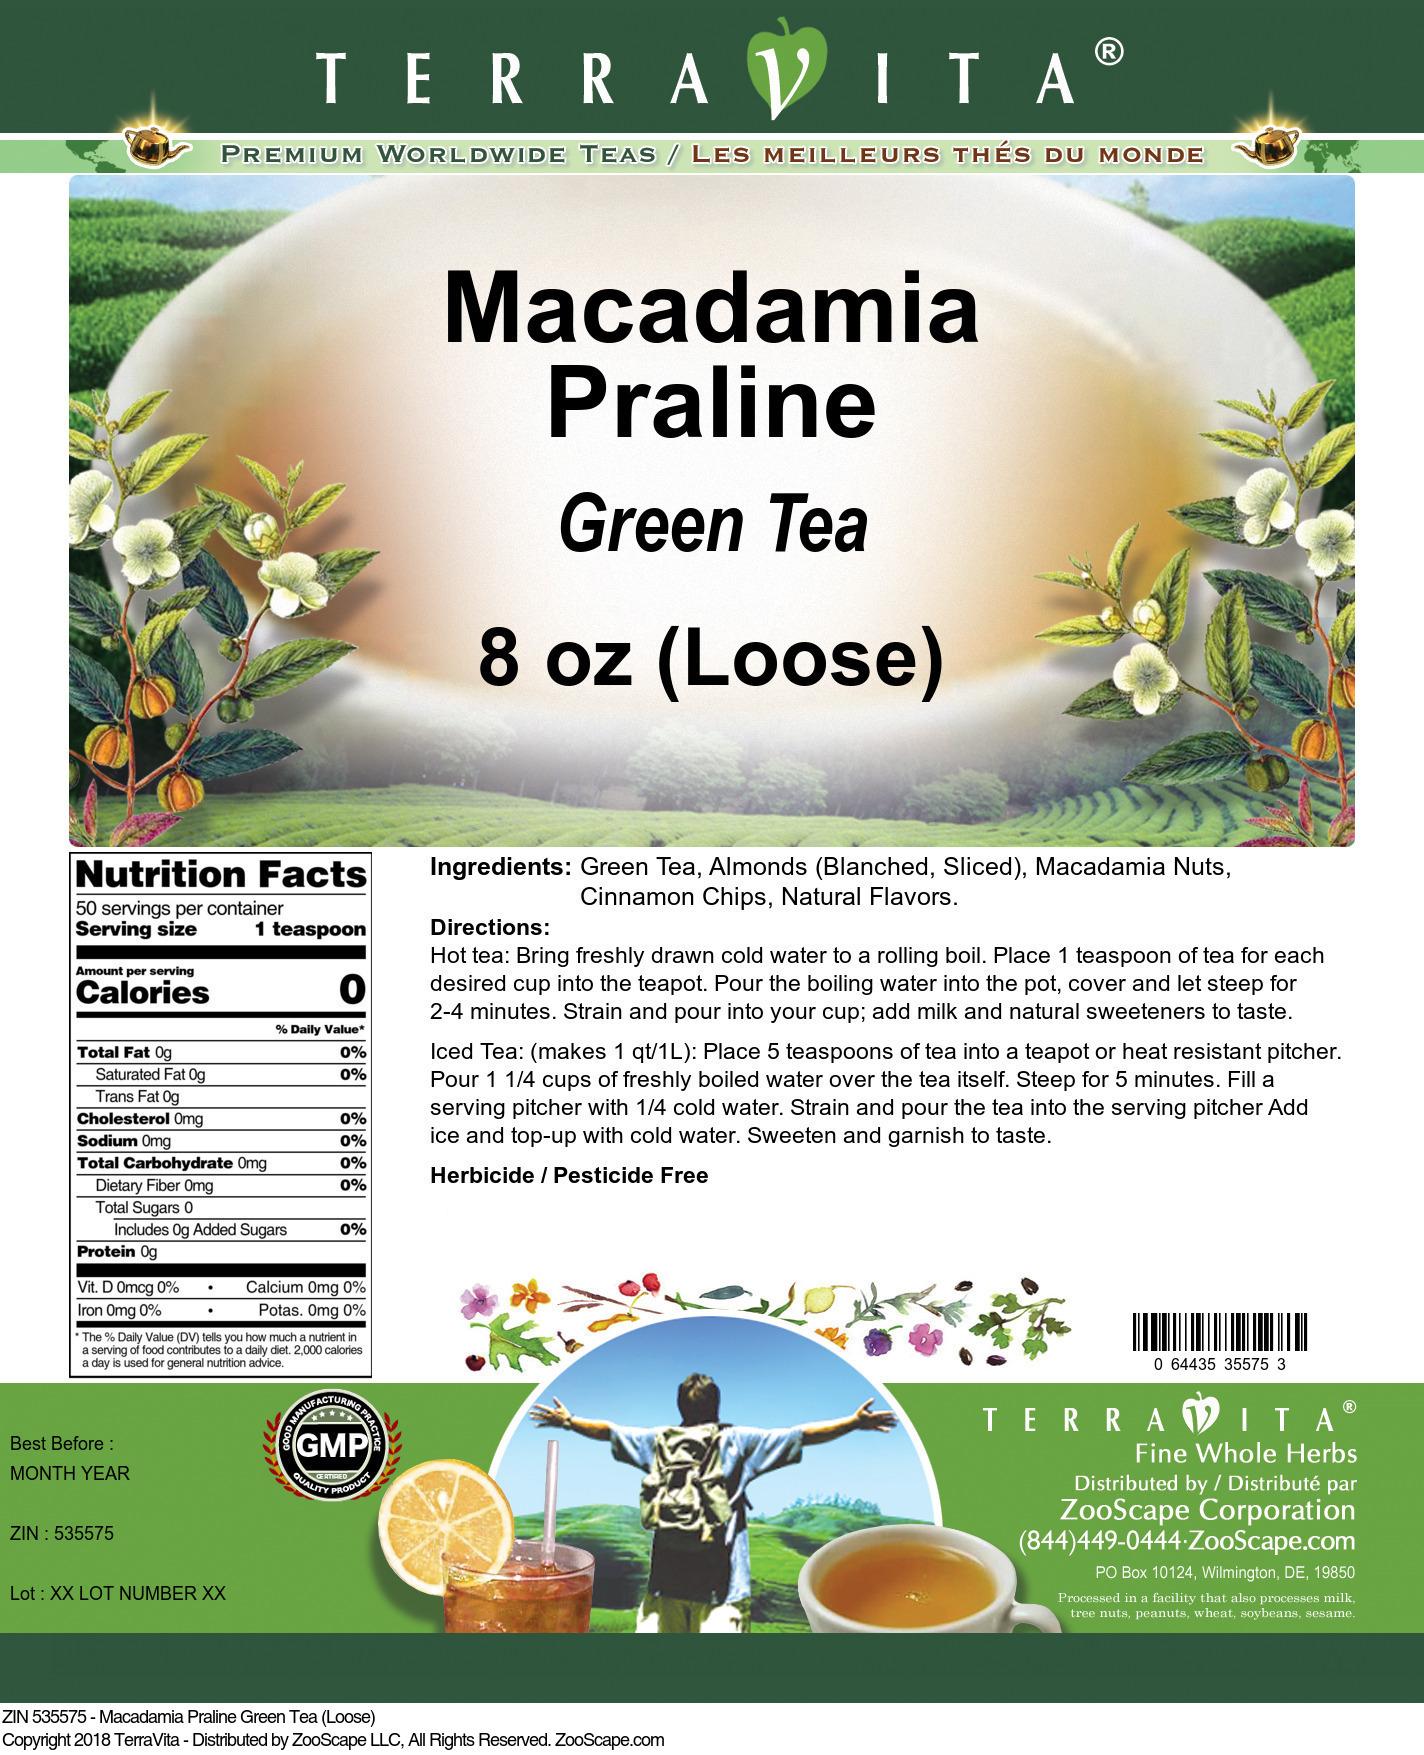 Macadamia Praline Green Tea